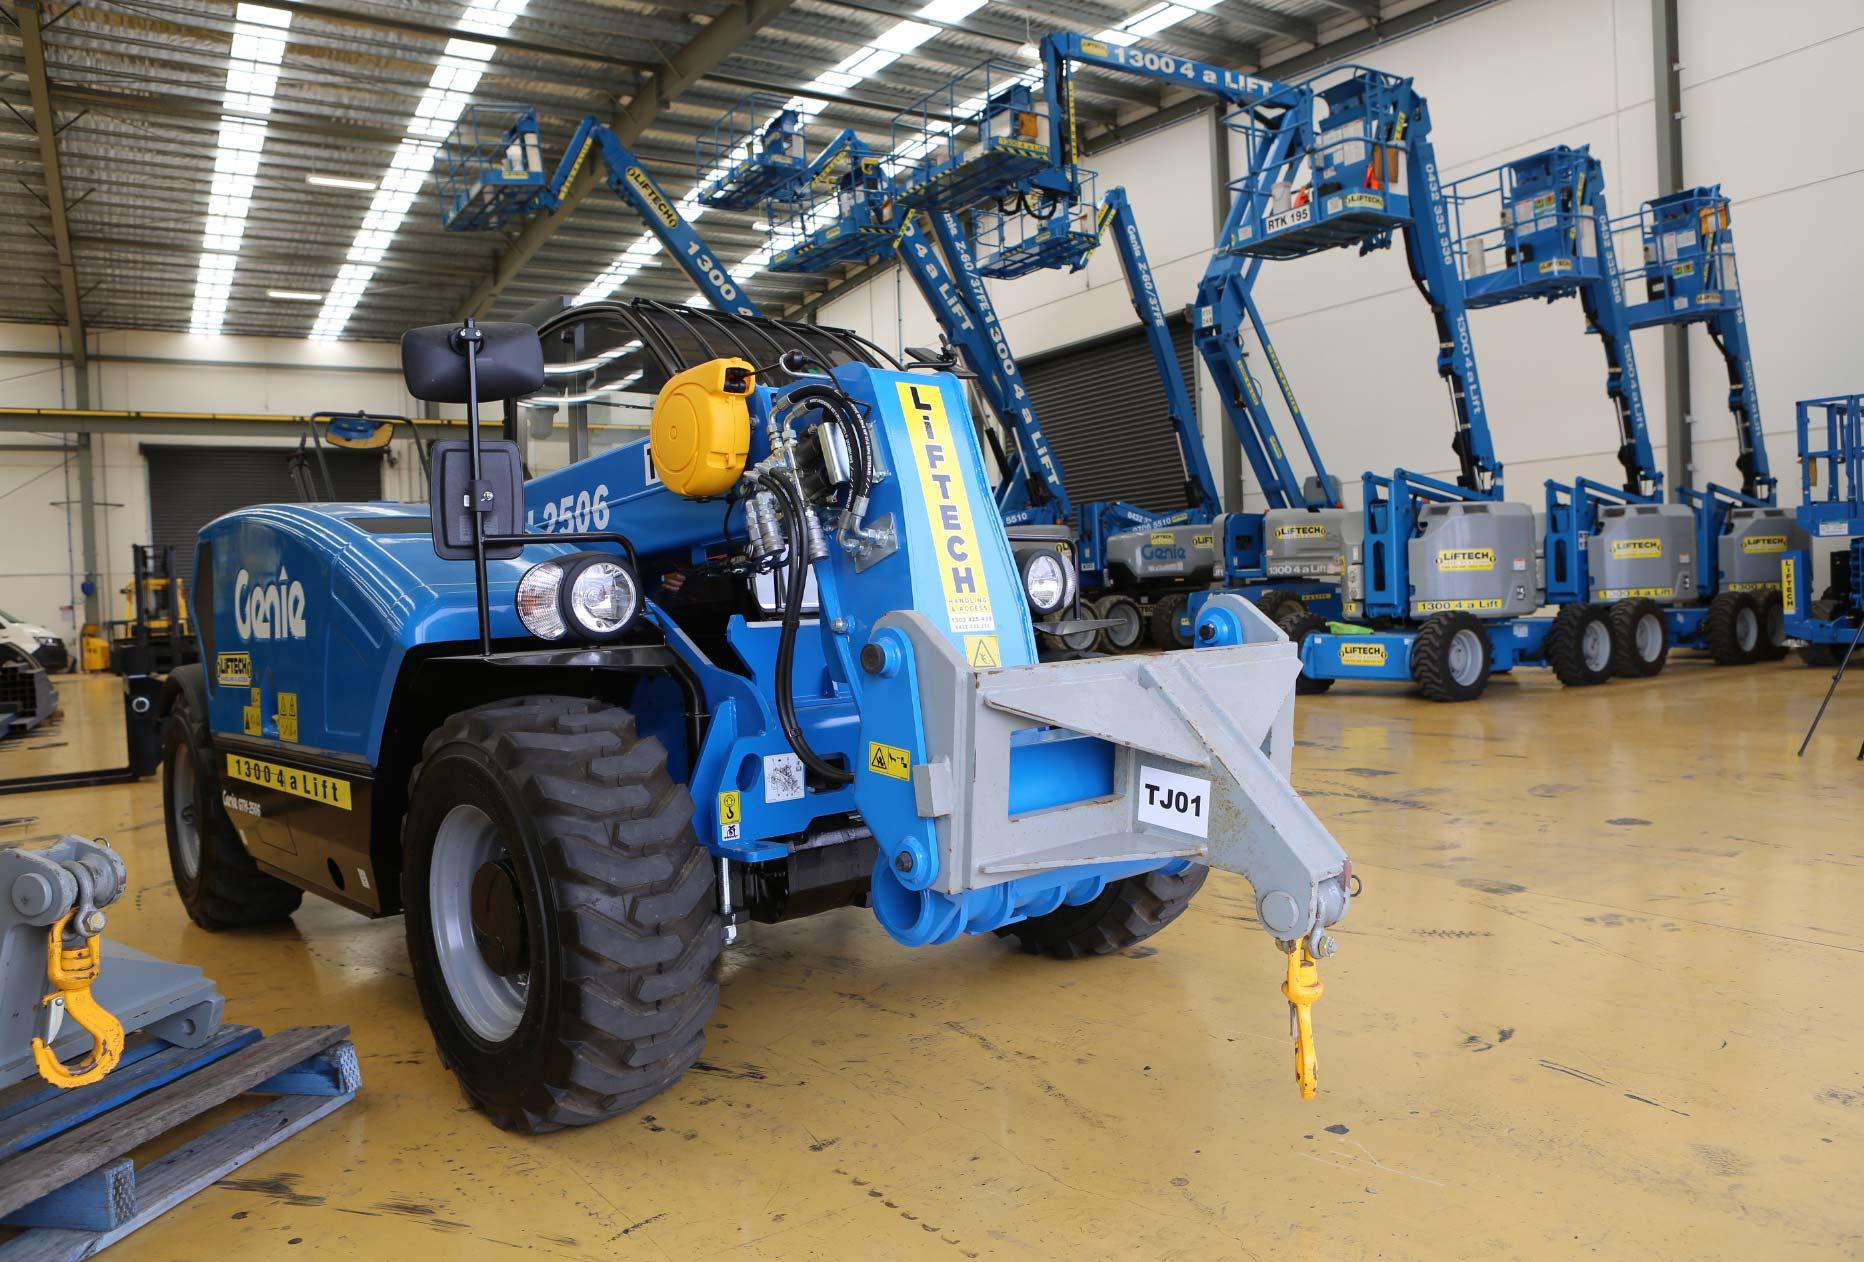 2.5 Tonne Telehandler Forklift Attachment